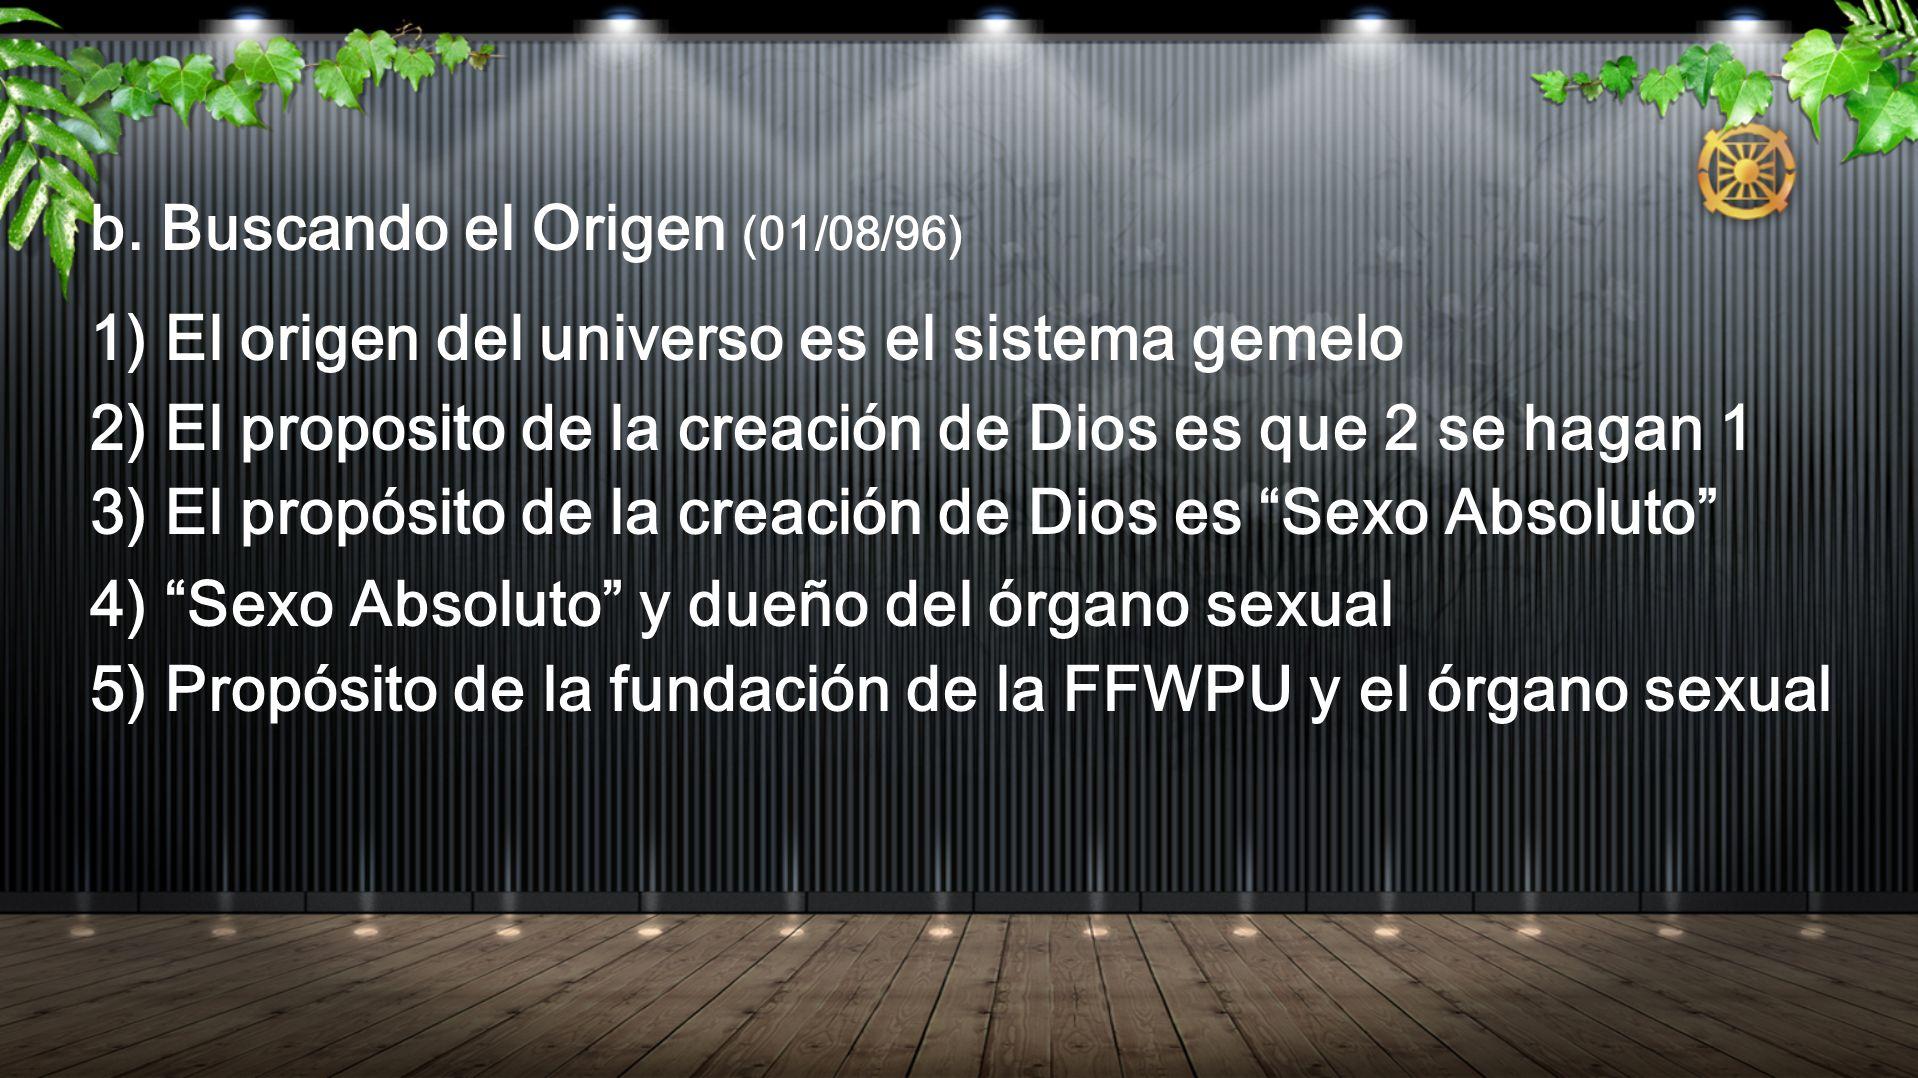 b. Buscando el Origen (01/08/96)